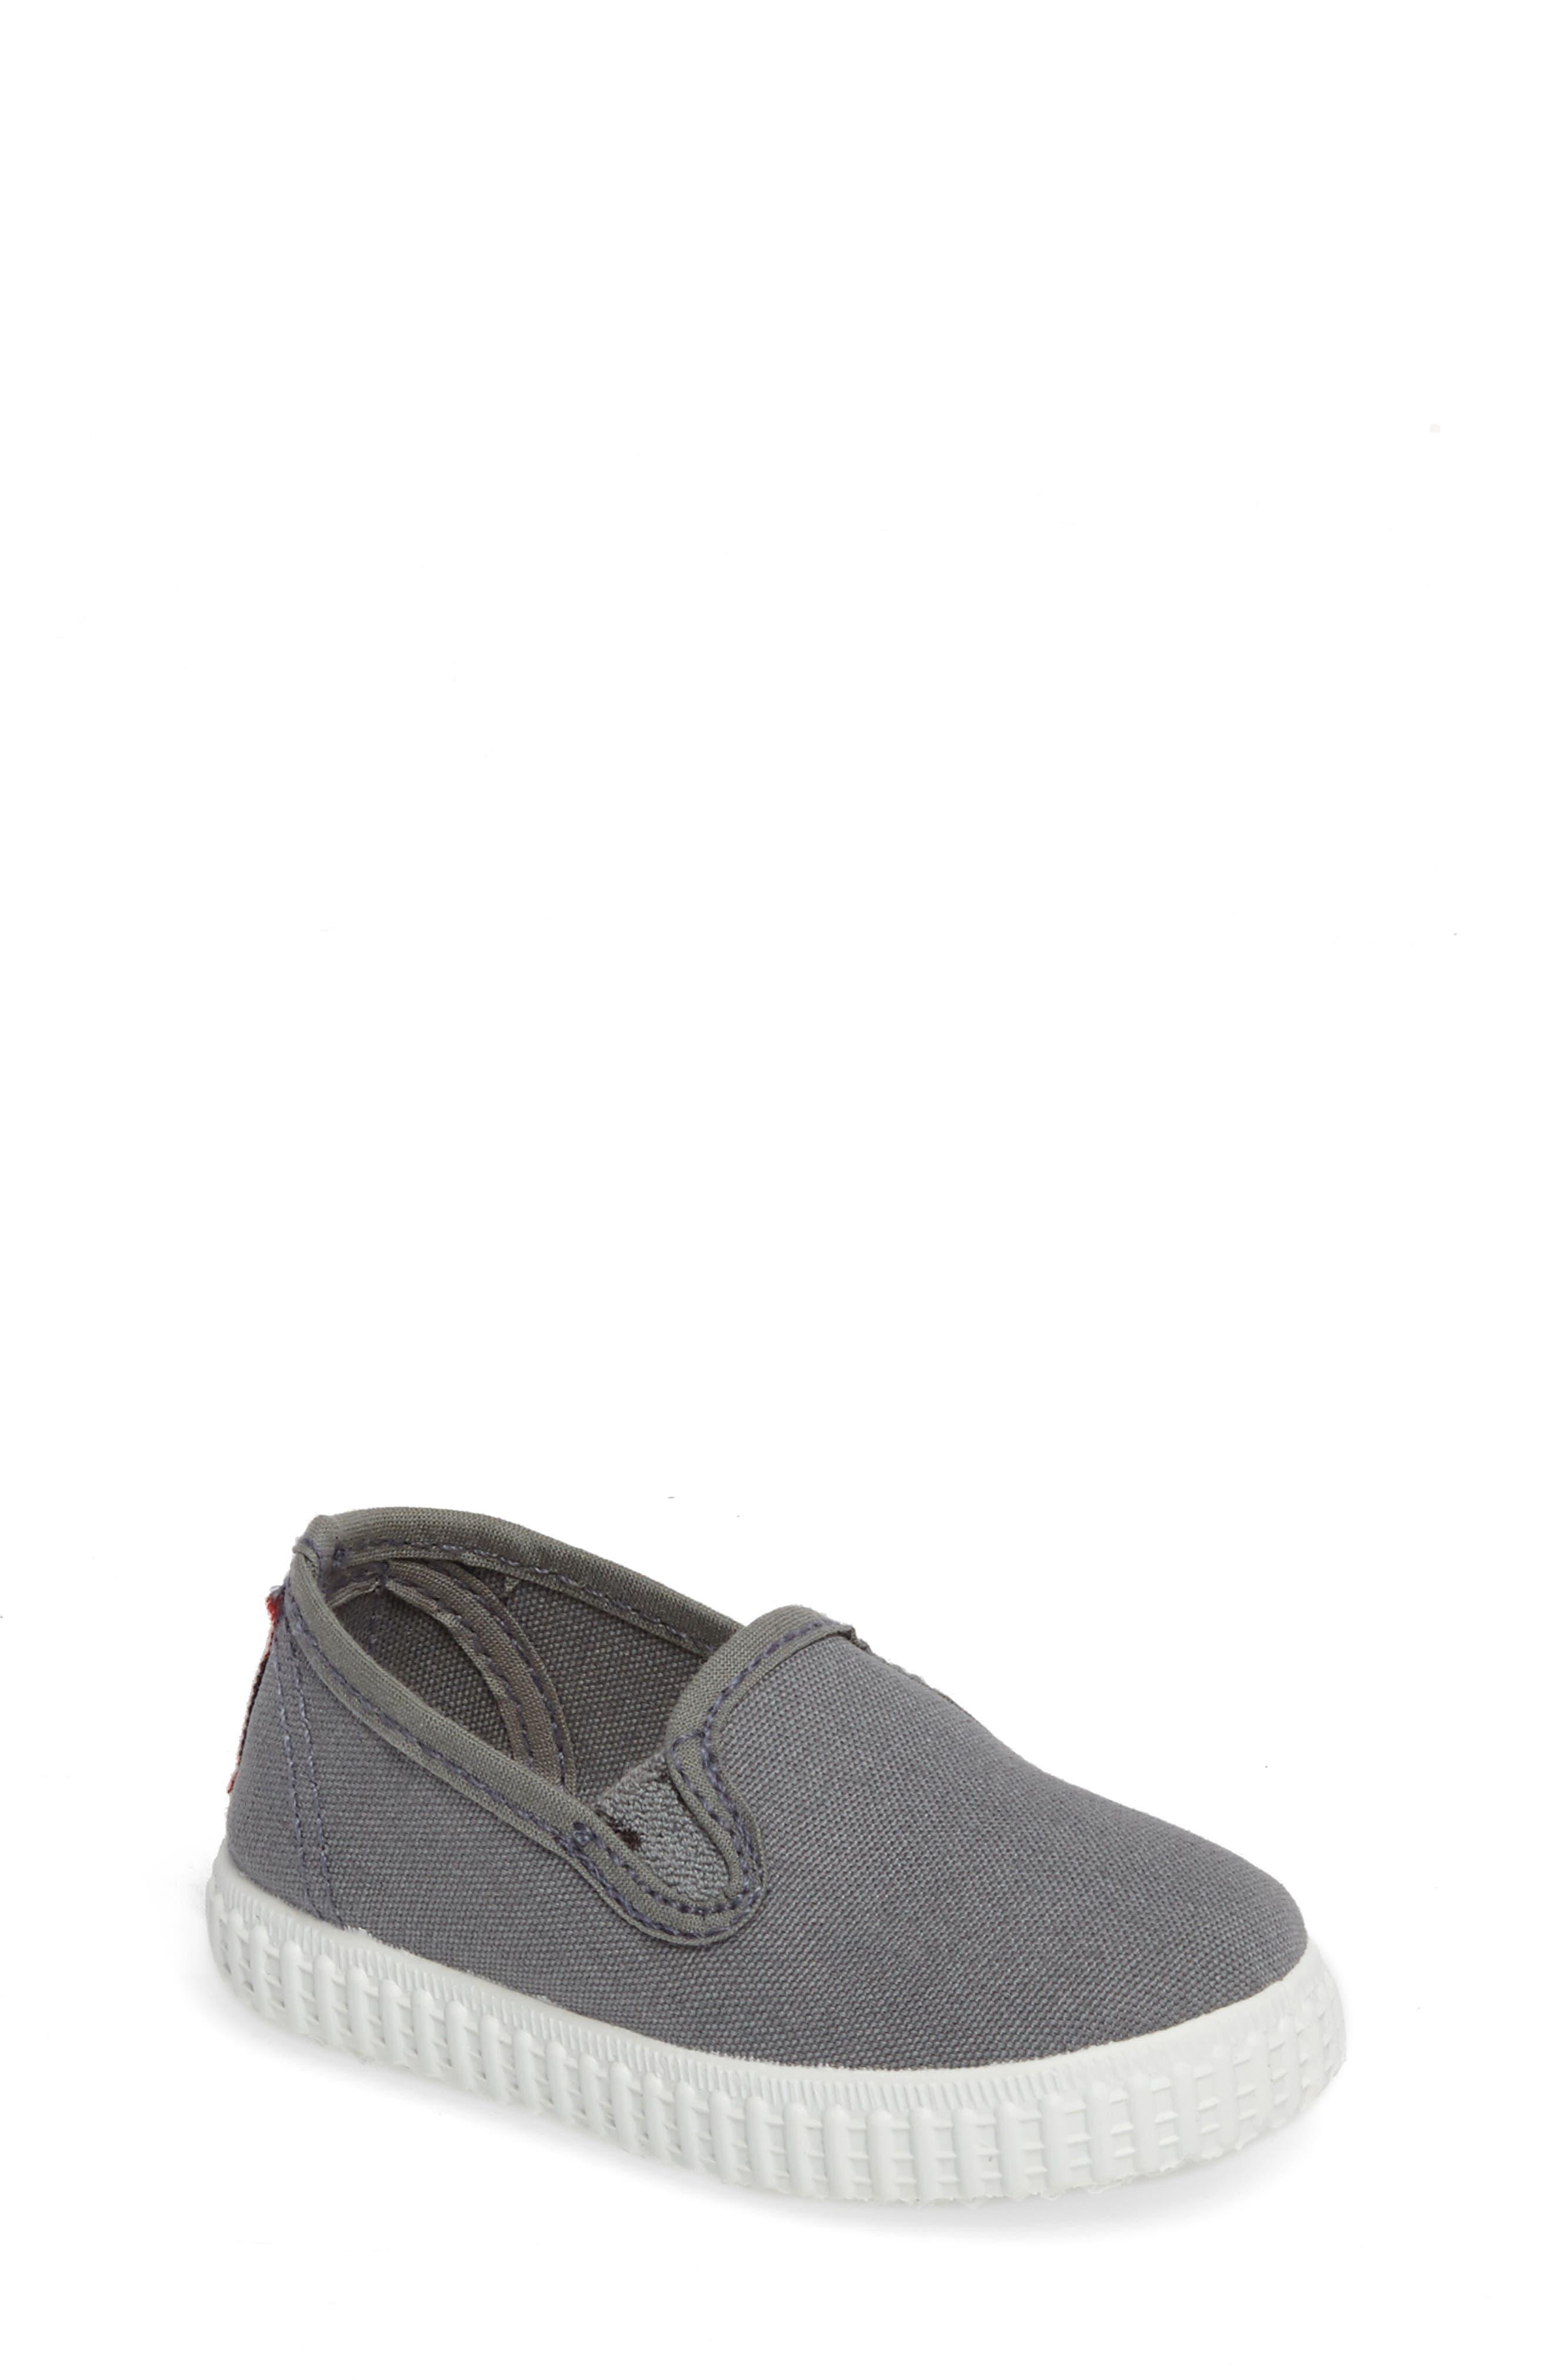 Slip-On Sneaker,                         Main,                         color, 020